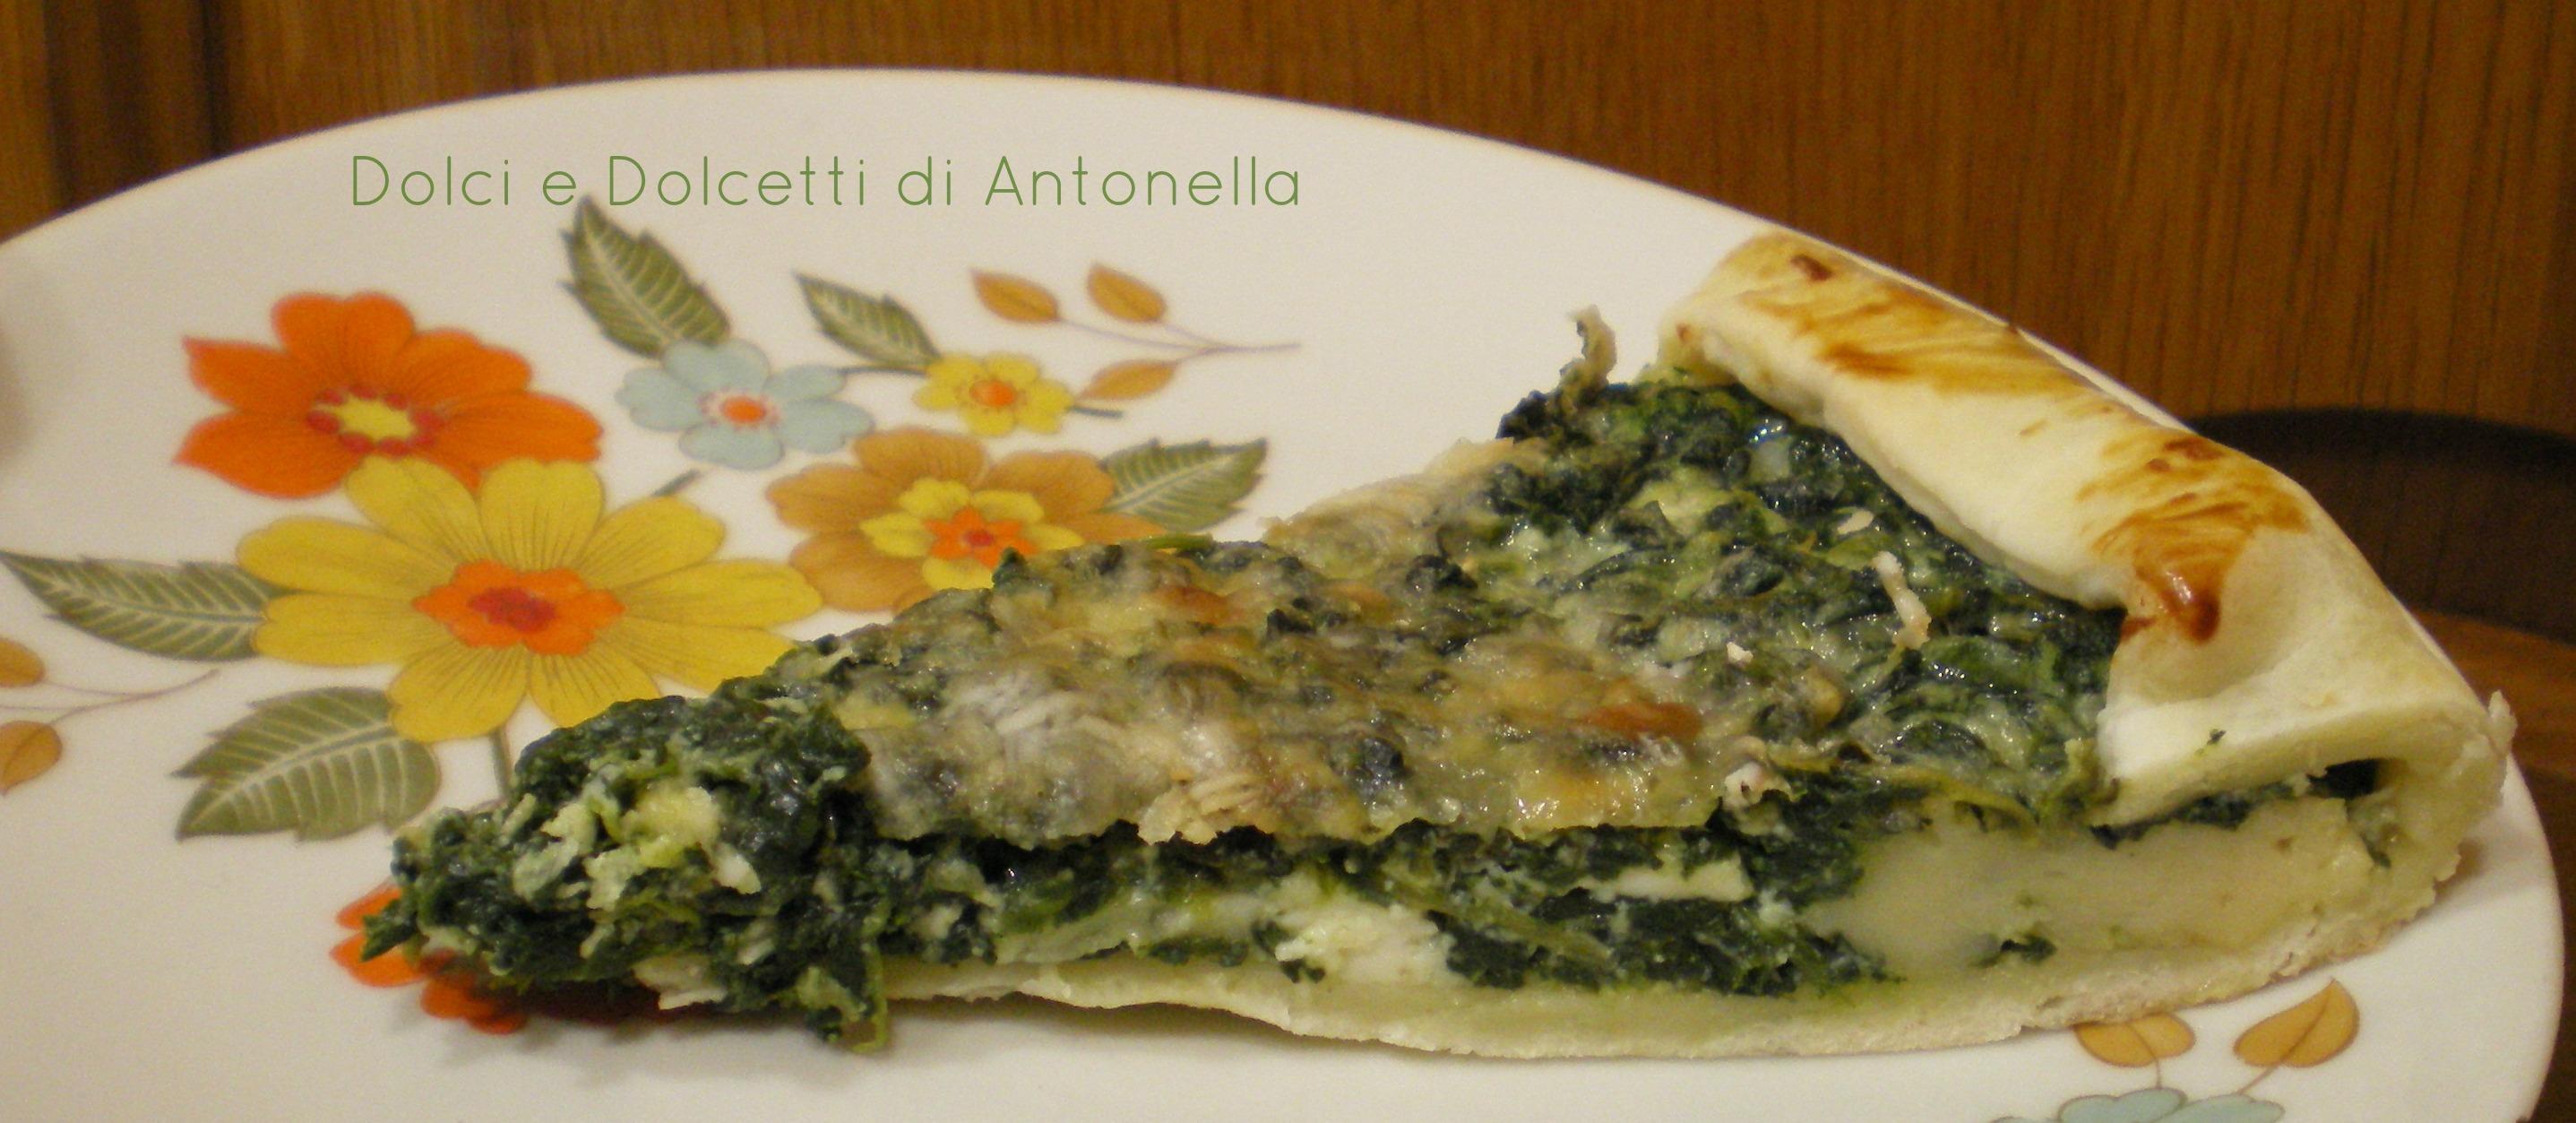 pasta sfoglia ricotta spinaci dolci e dolcetti di antonella